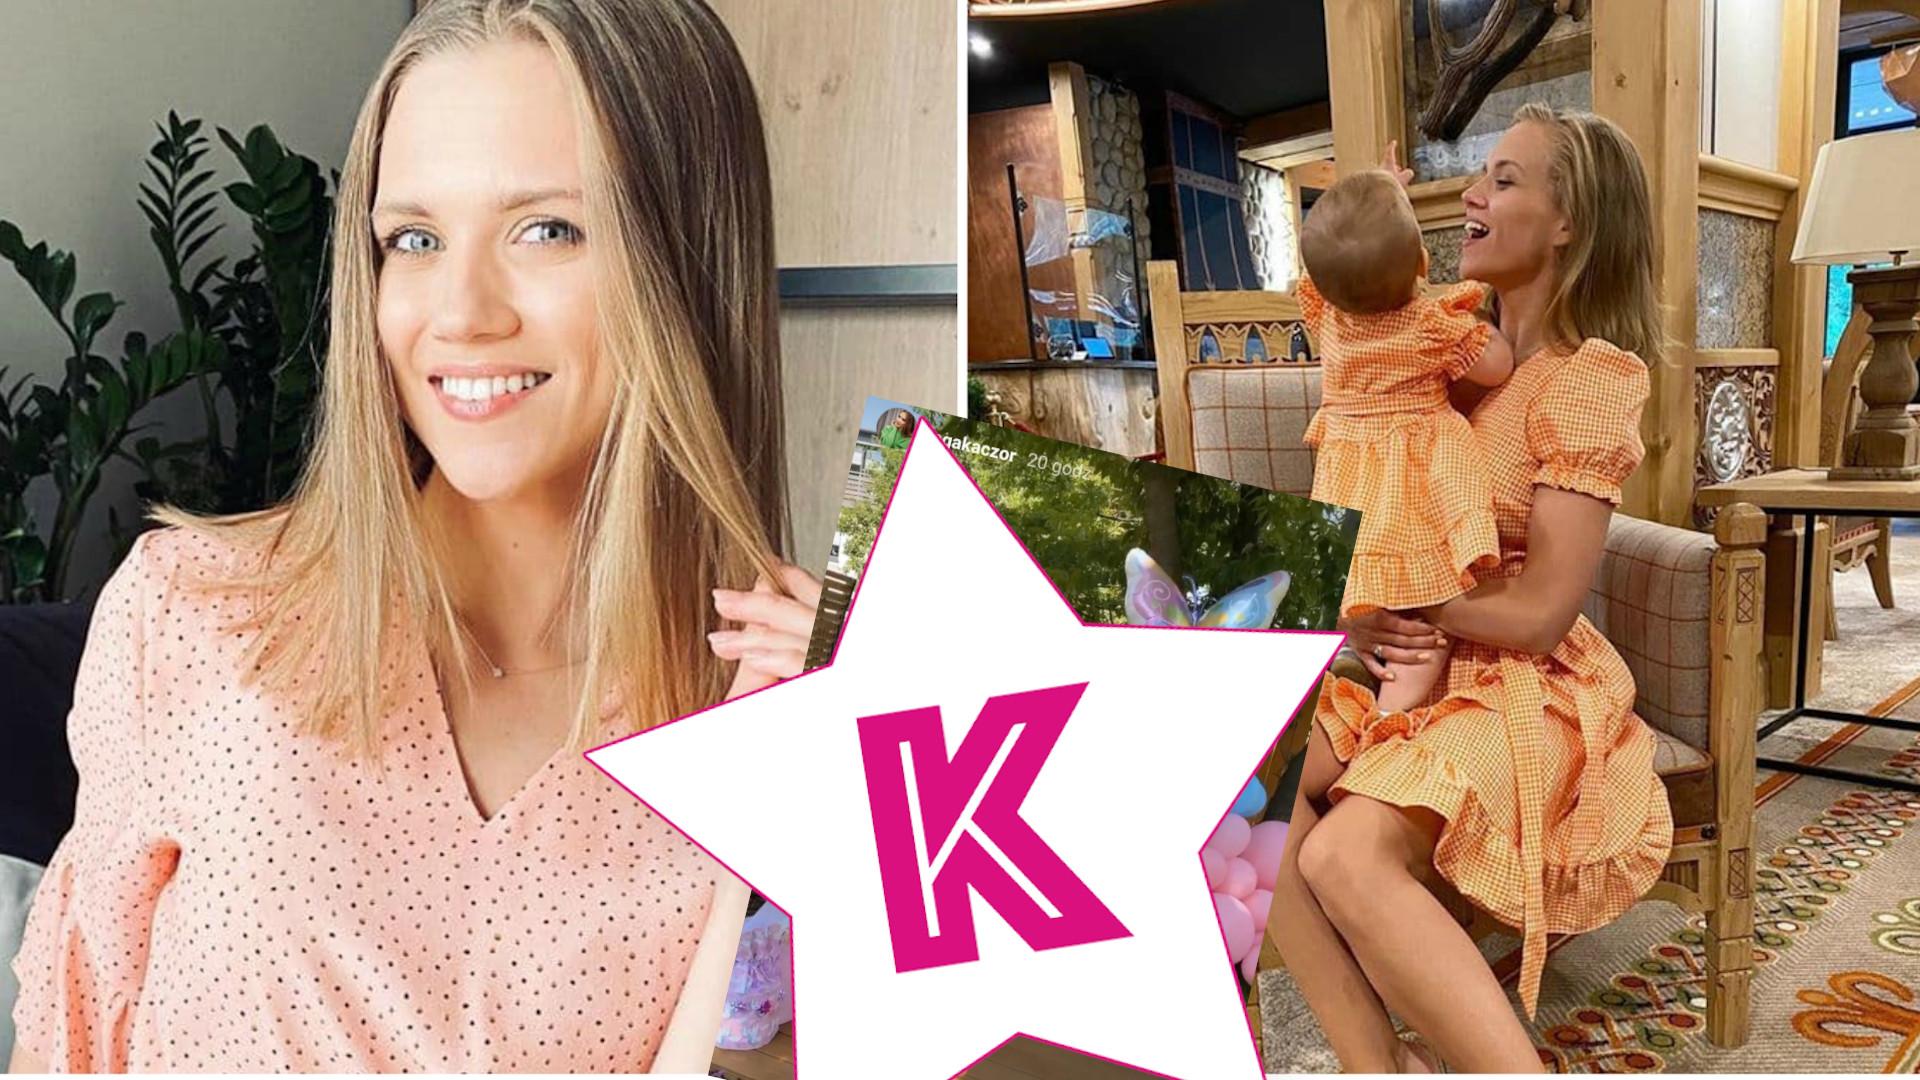 Córka Agnieszki Kaczorowskiej skończyła rok. Rodzice zorganizowali jej BAJKOWE przyjęcie w ogródku